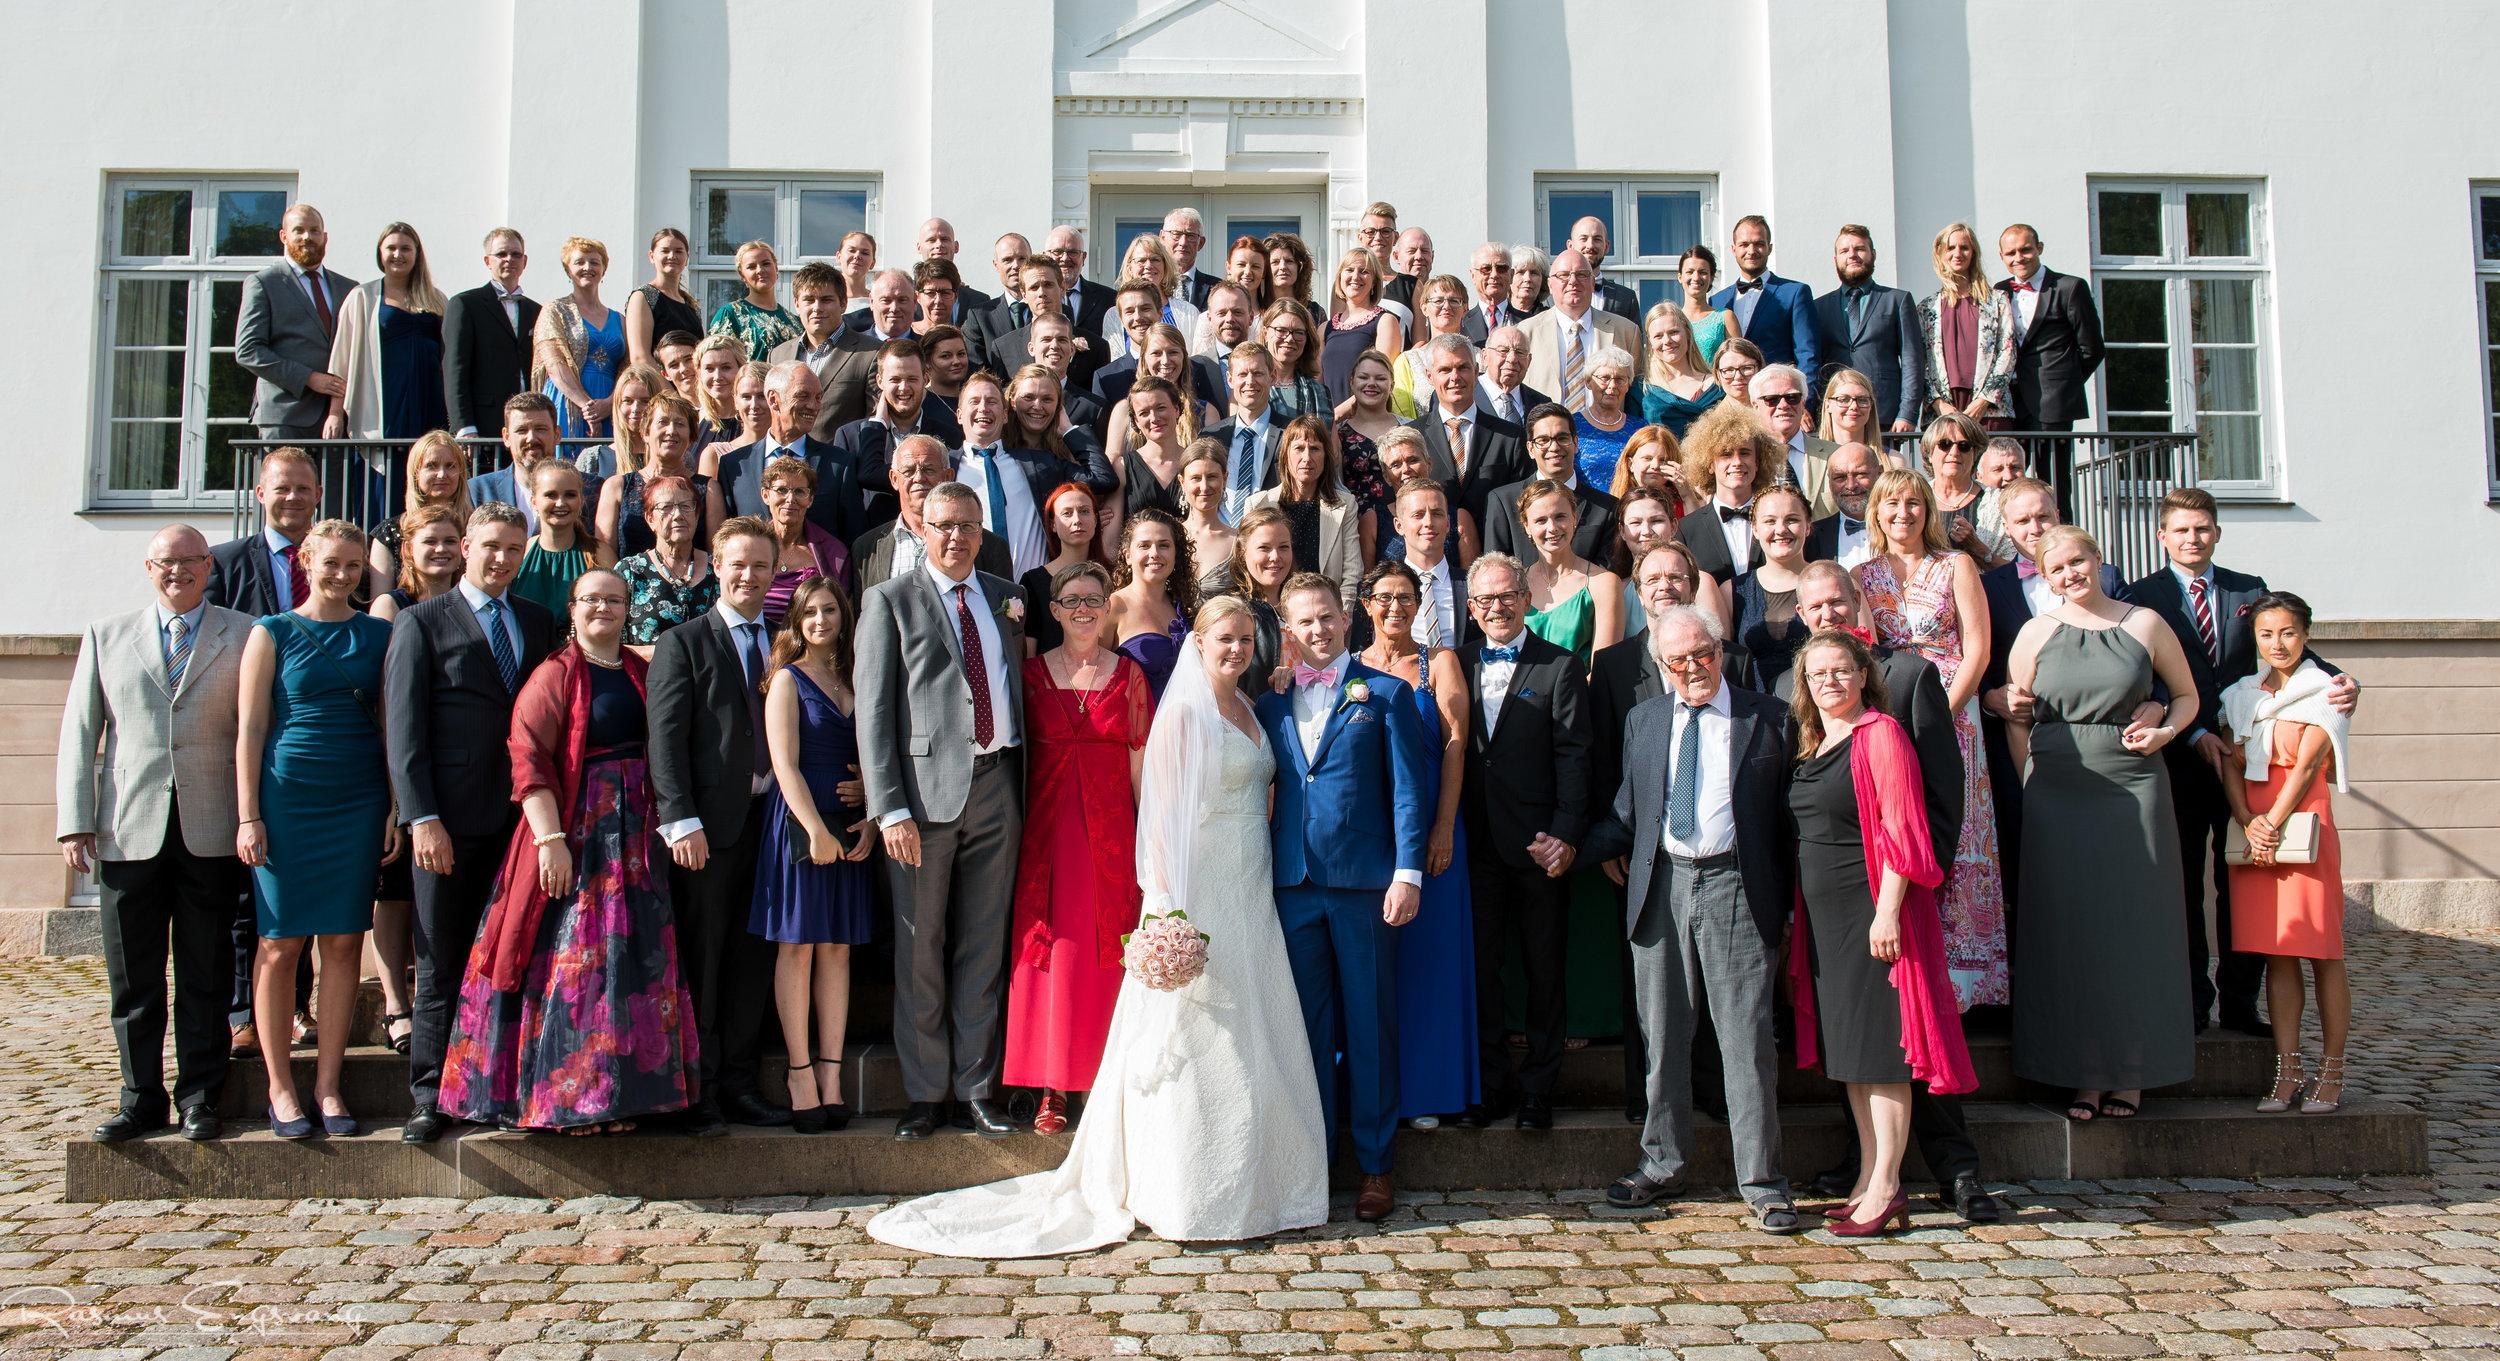 Gruppeportræt_Bryllupsbillede.jpg